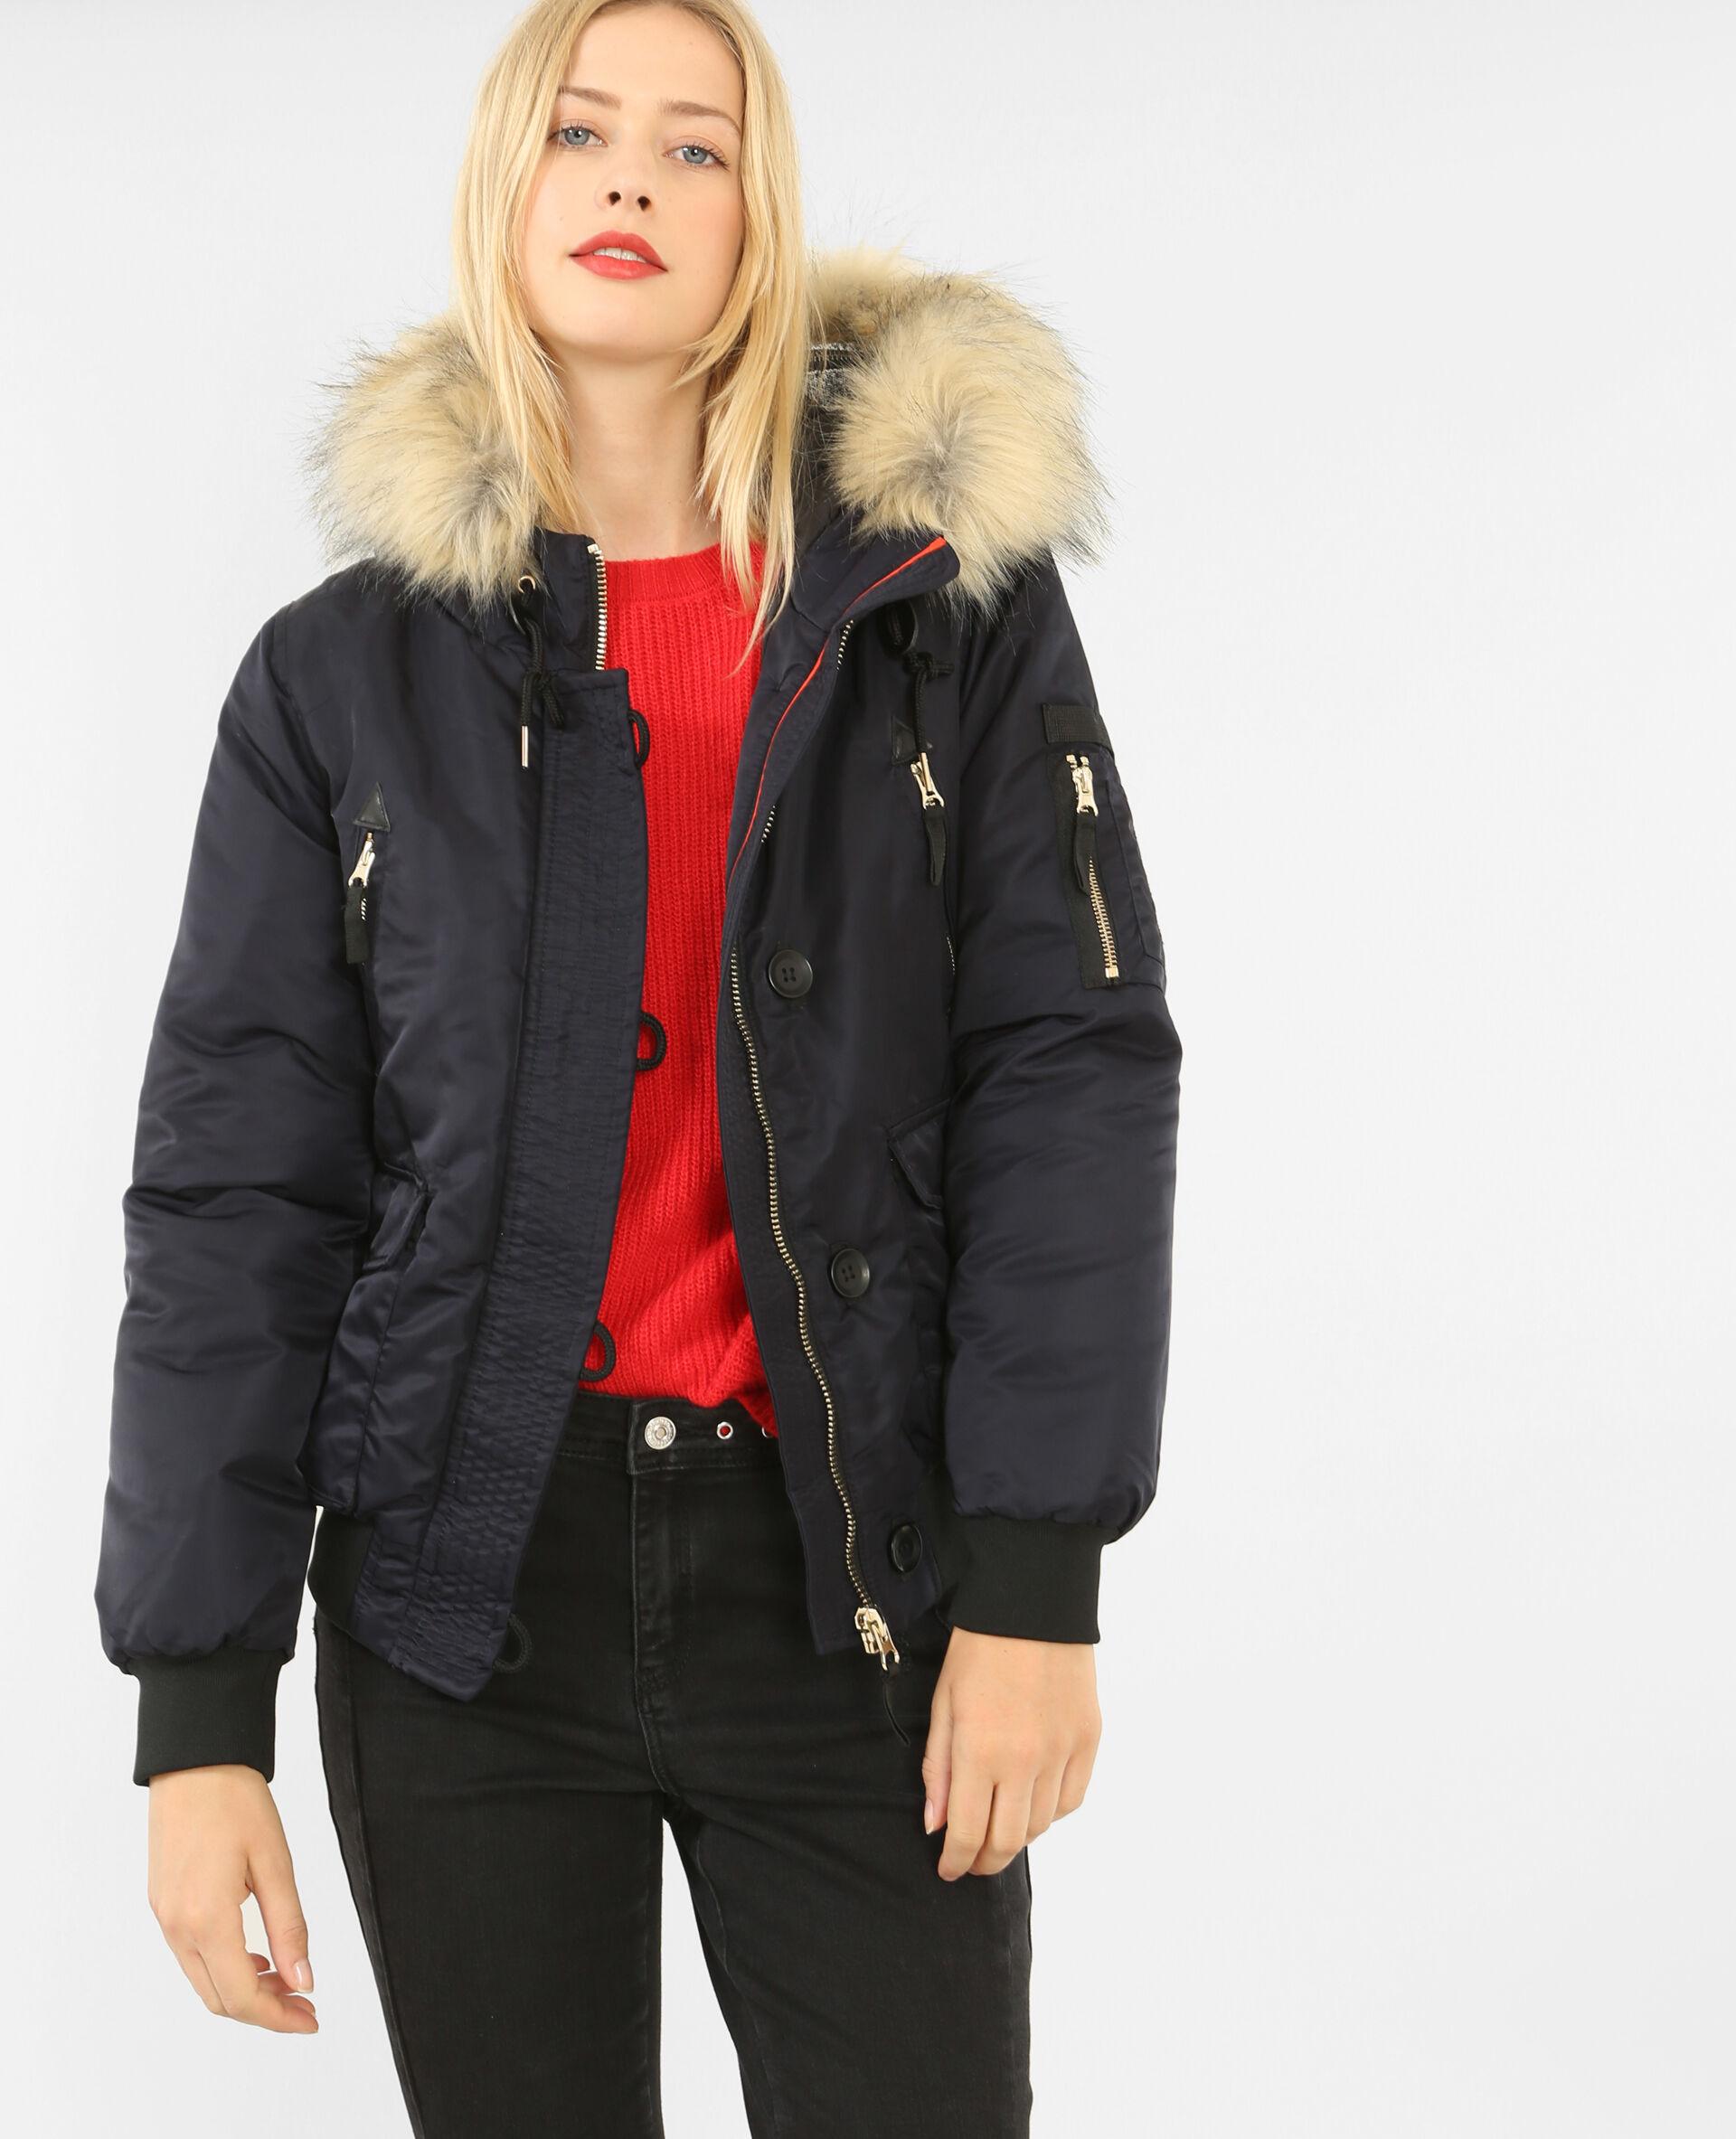 Manteau en bouclette h&m